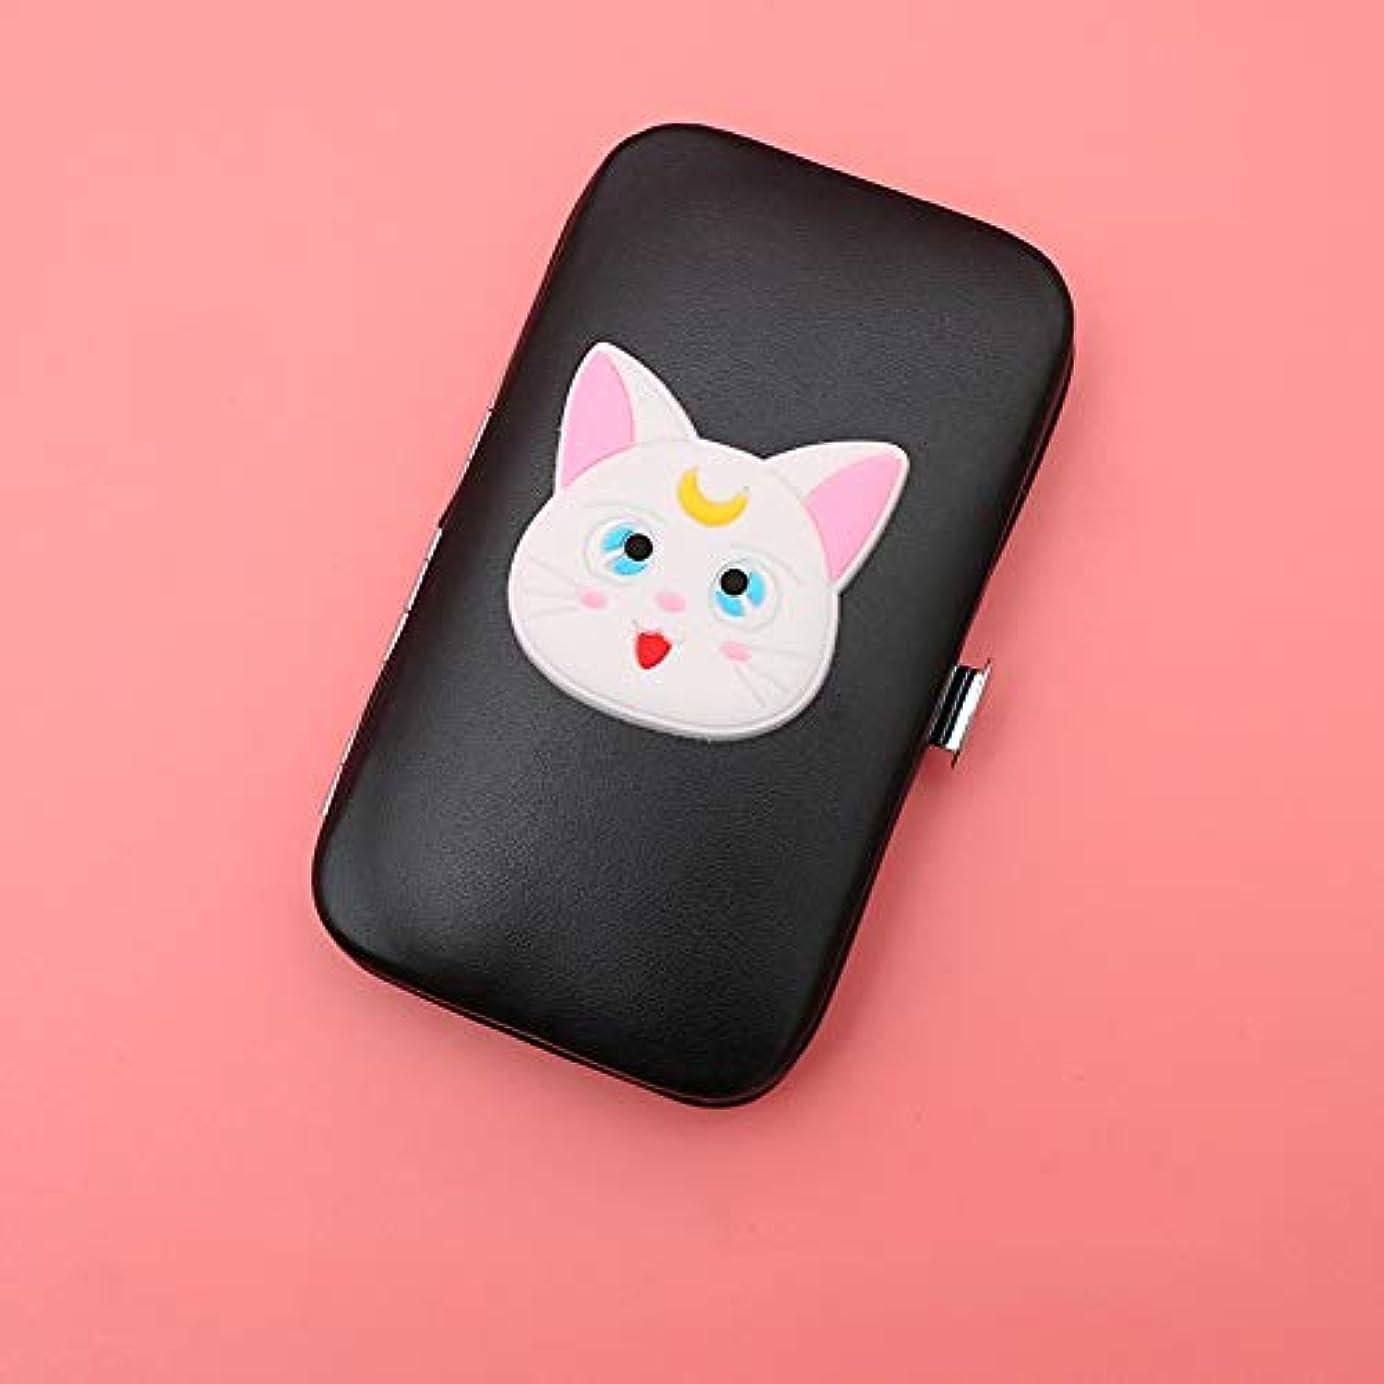 不規則性コンクリート広告主ネイルクリッパー7点セット、ネイルビューティーツールセット、女の子漫画ブラック箱入り(ホワイトムーン猫)用マニキュアキット